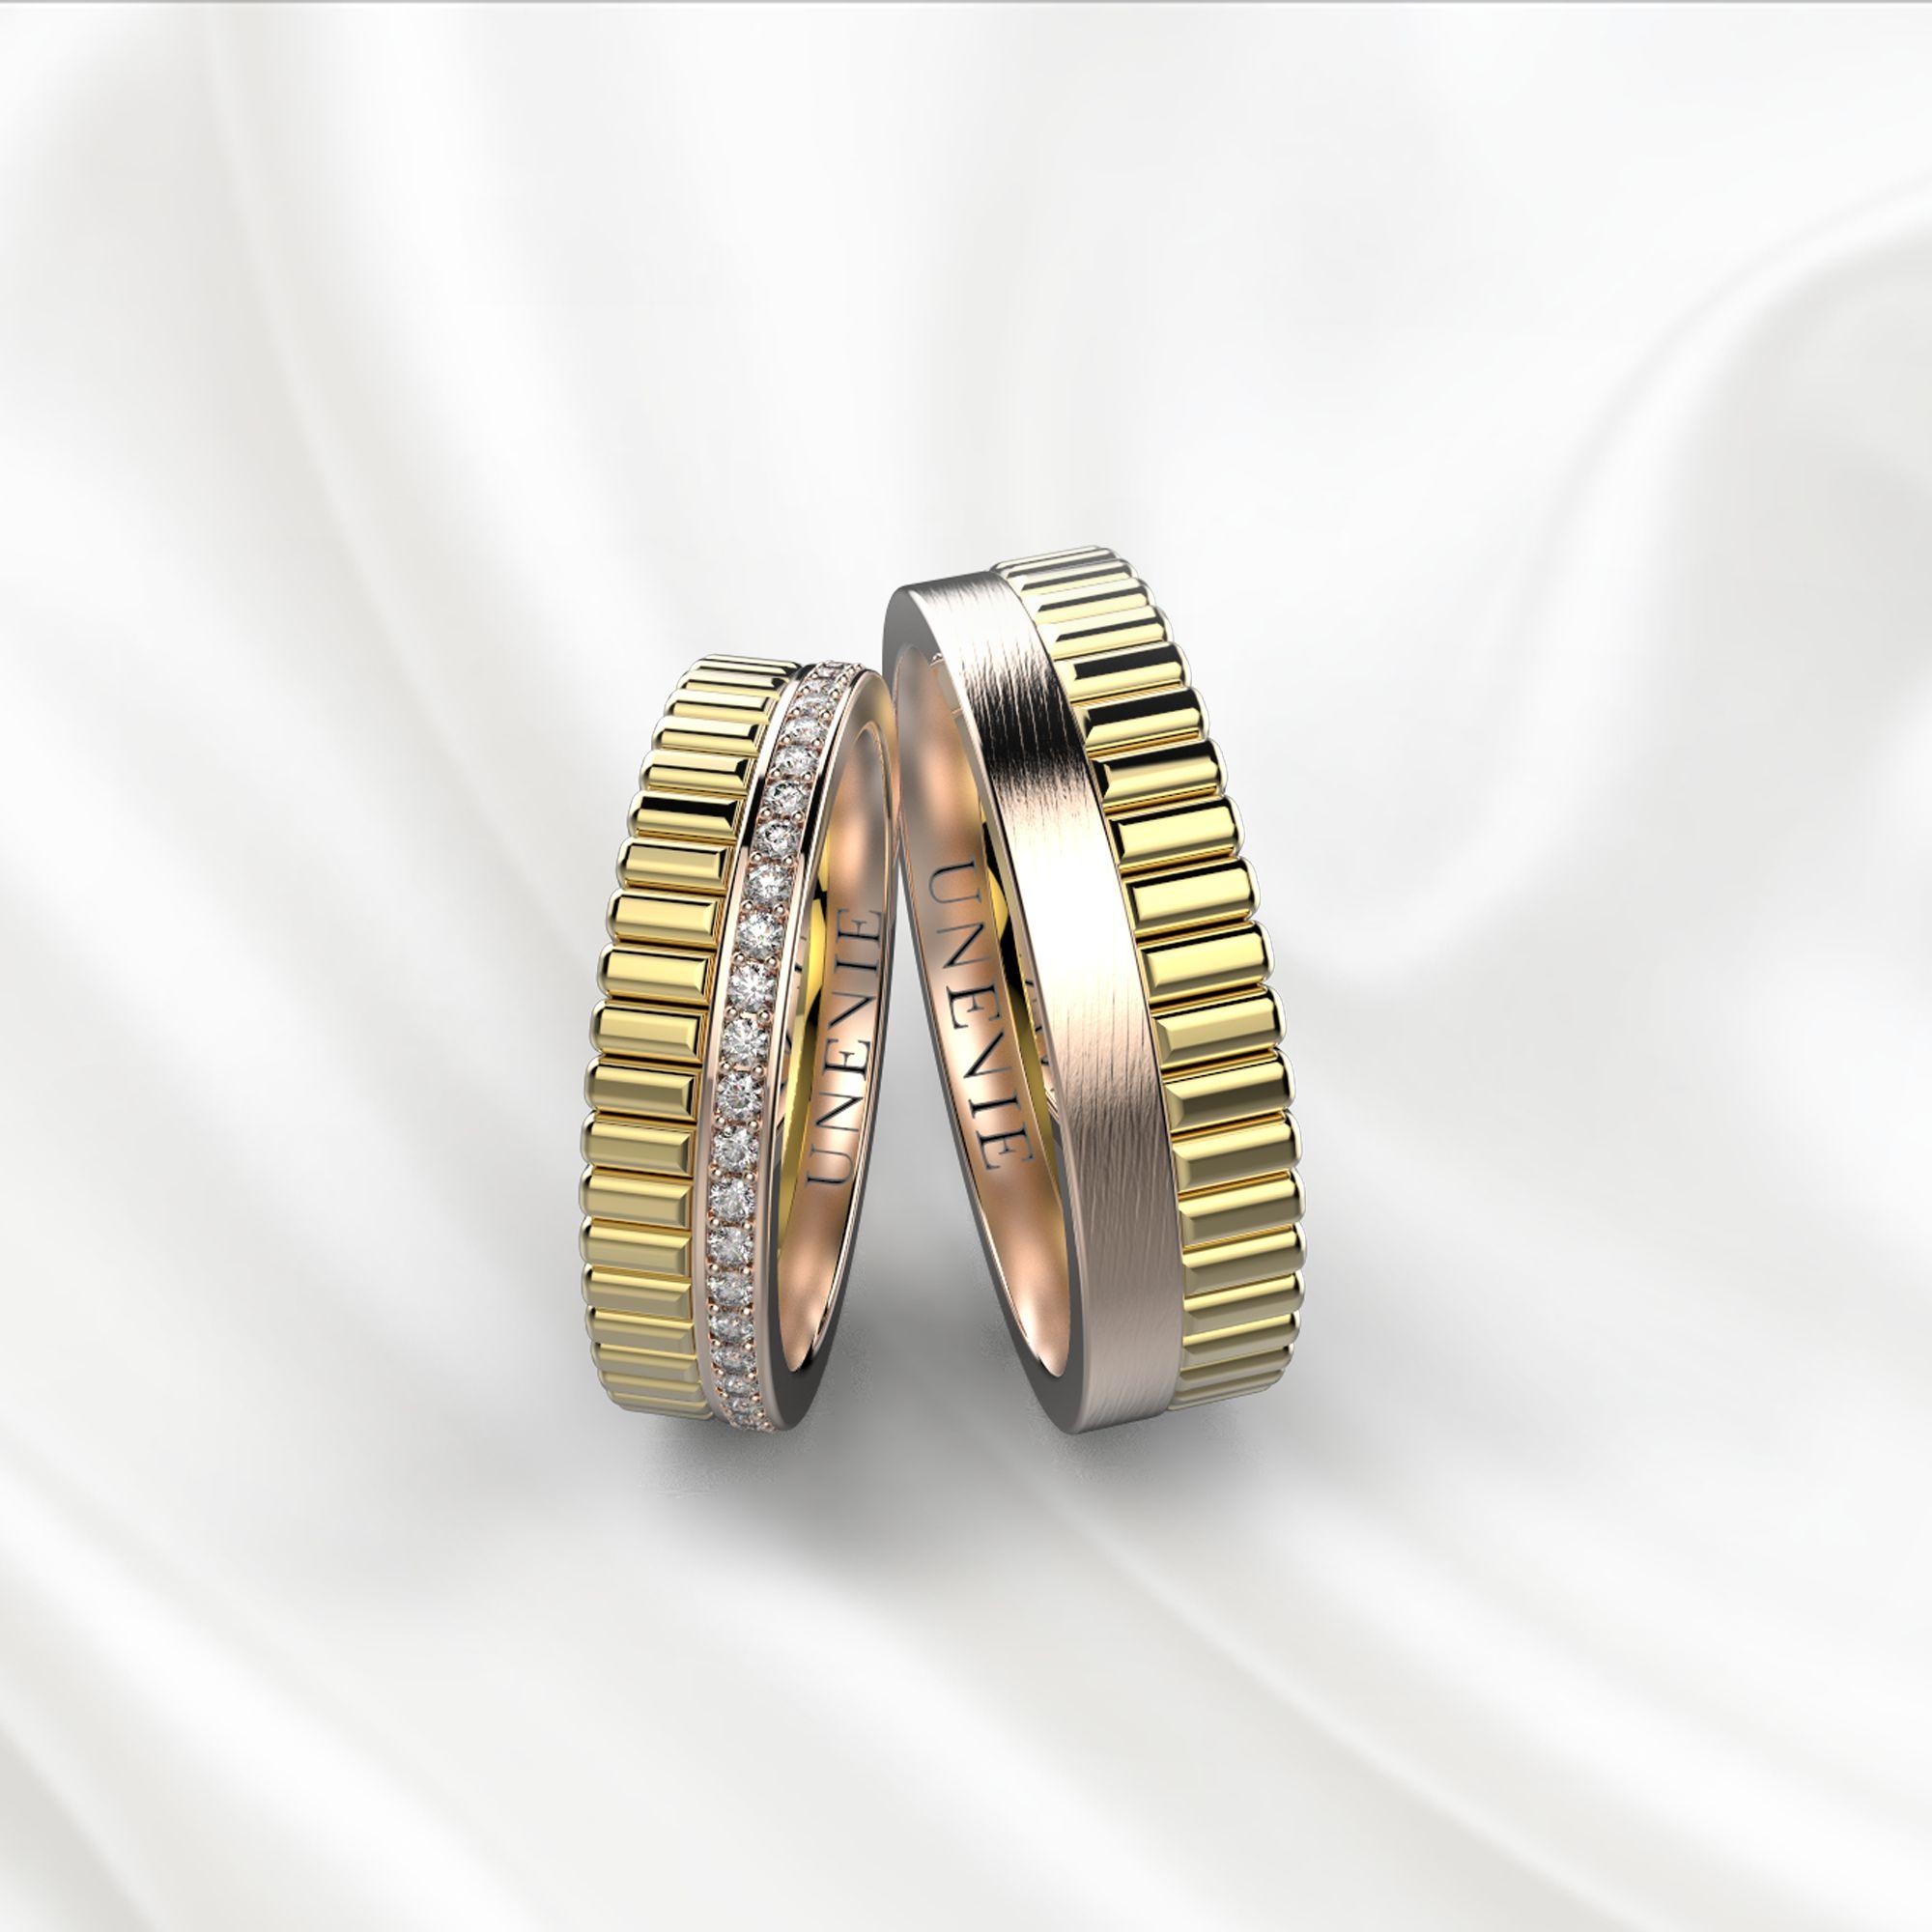 NV24 Обручальные кольца из жёлто-розового золота с бриллиантами